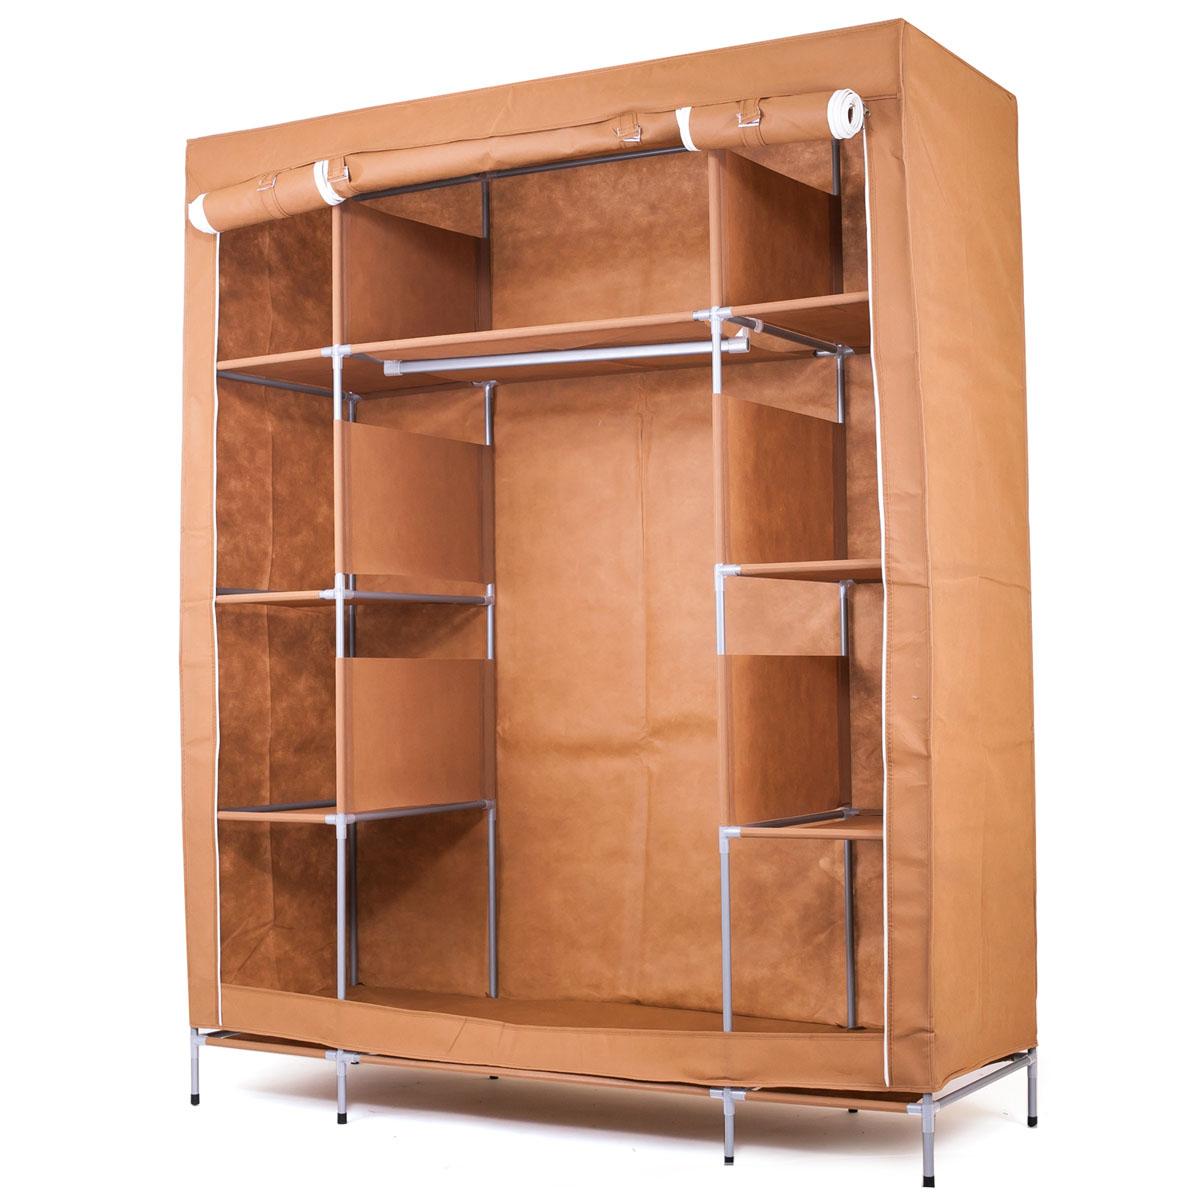 Шкаф тканевый Homsu Маджорити, 140 x 50 x 175 смHOM-105Этот большой тканевый шкаф будет максимально практичным и удобным помощником в создании полноценного порядка благодаря 8 маленьким полкам для складывания одежды 35см на 50см и 1 большой - 70см на 50см, а также отделению для подвешивания одежды высотой 120см и шириной 70см. Сборная конструкция такого шкафа состоит из металлических деталей каркаса, обтянутых сверху прочной и лёгкой тканью.Фактический цвет может отличаться от заявленного.